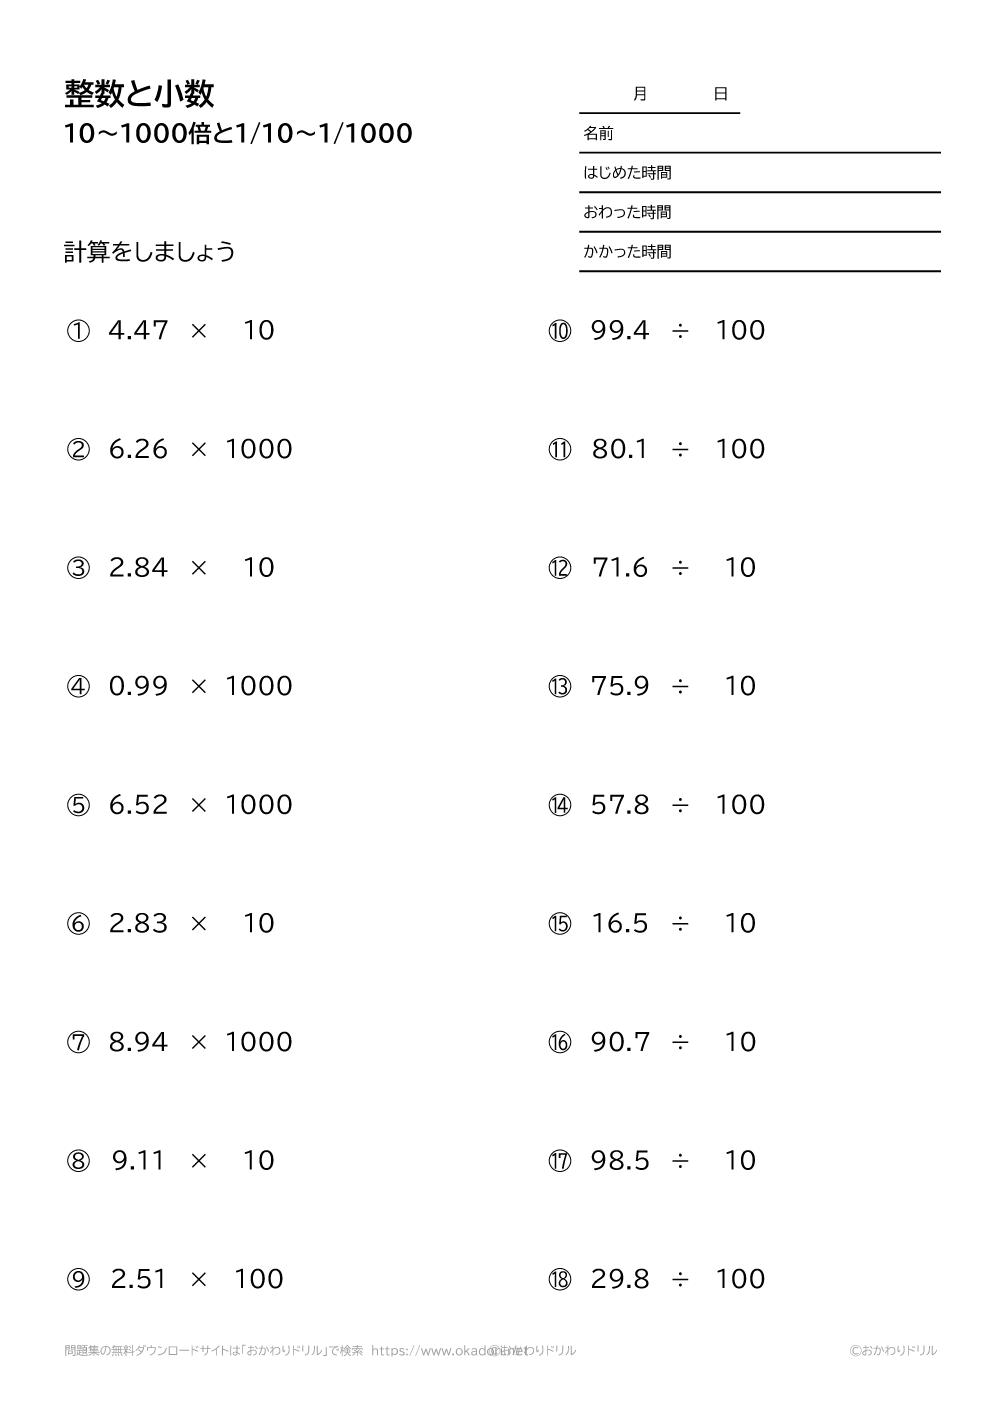 整数と小数-小数の位と小数点の位置-3